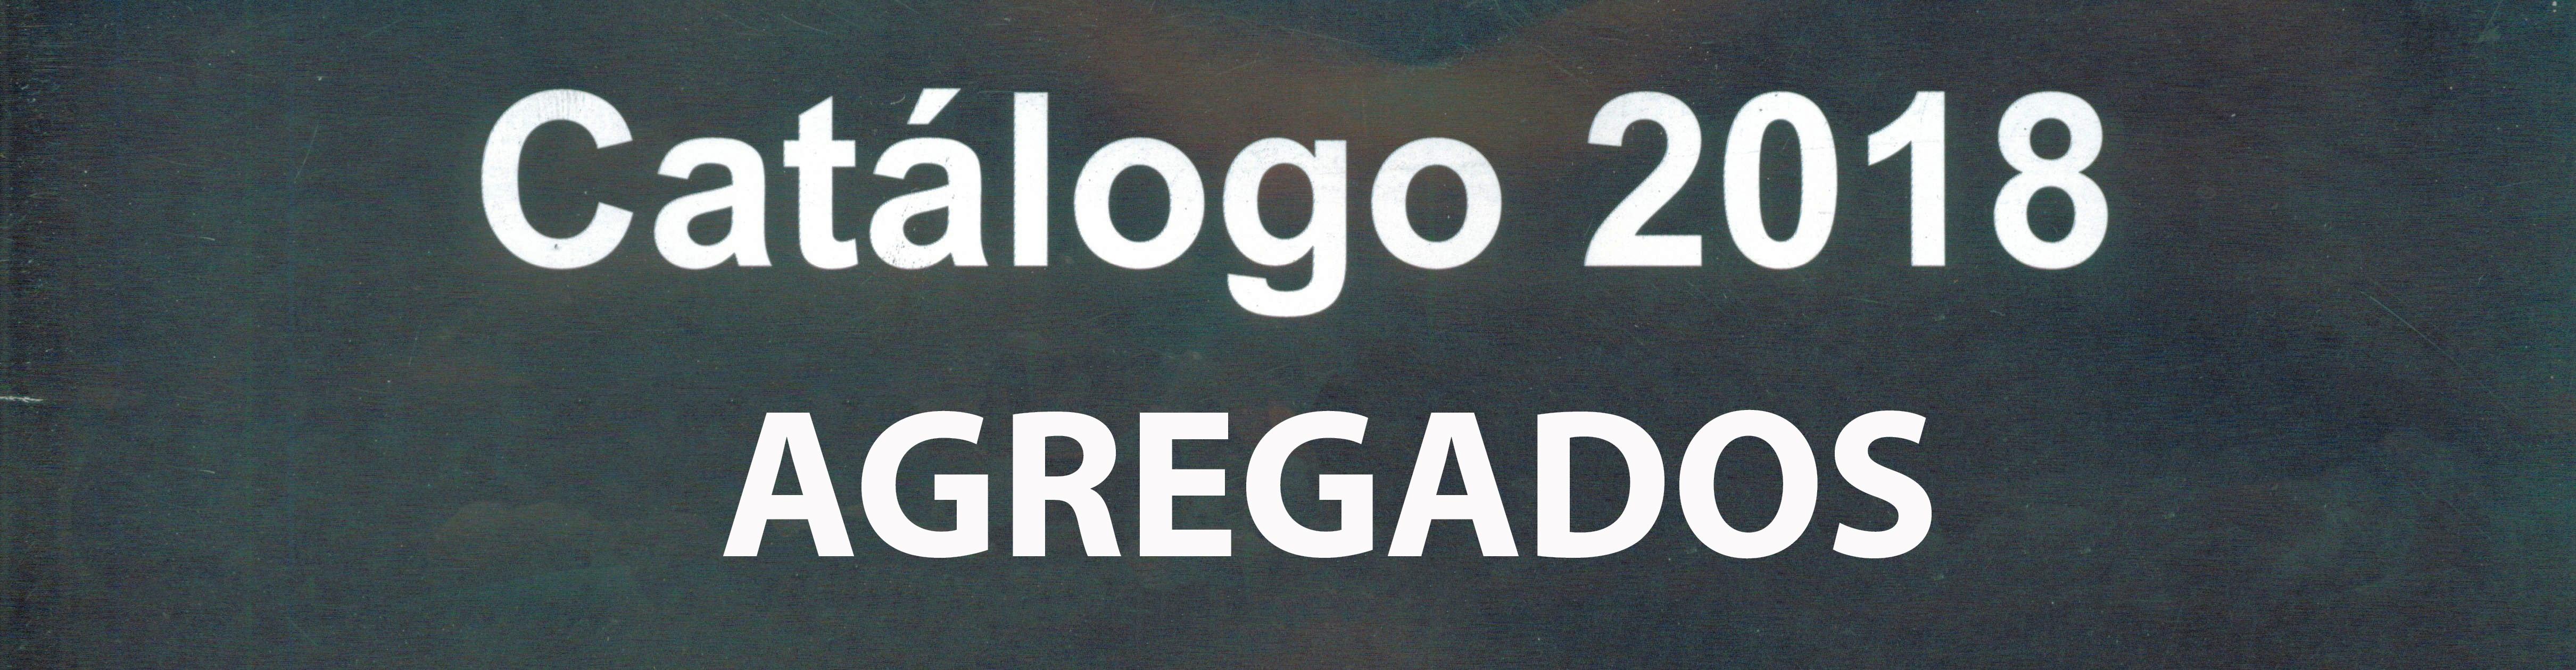 AGREGADOS CATALOGO 2018 (NOVIEMBRE 2019) (2)